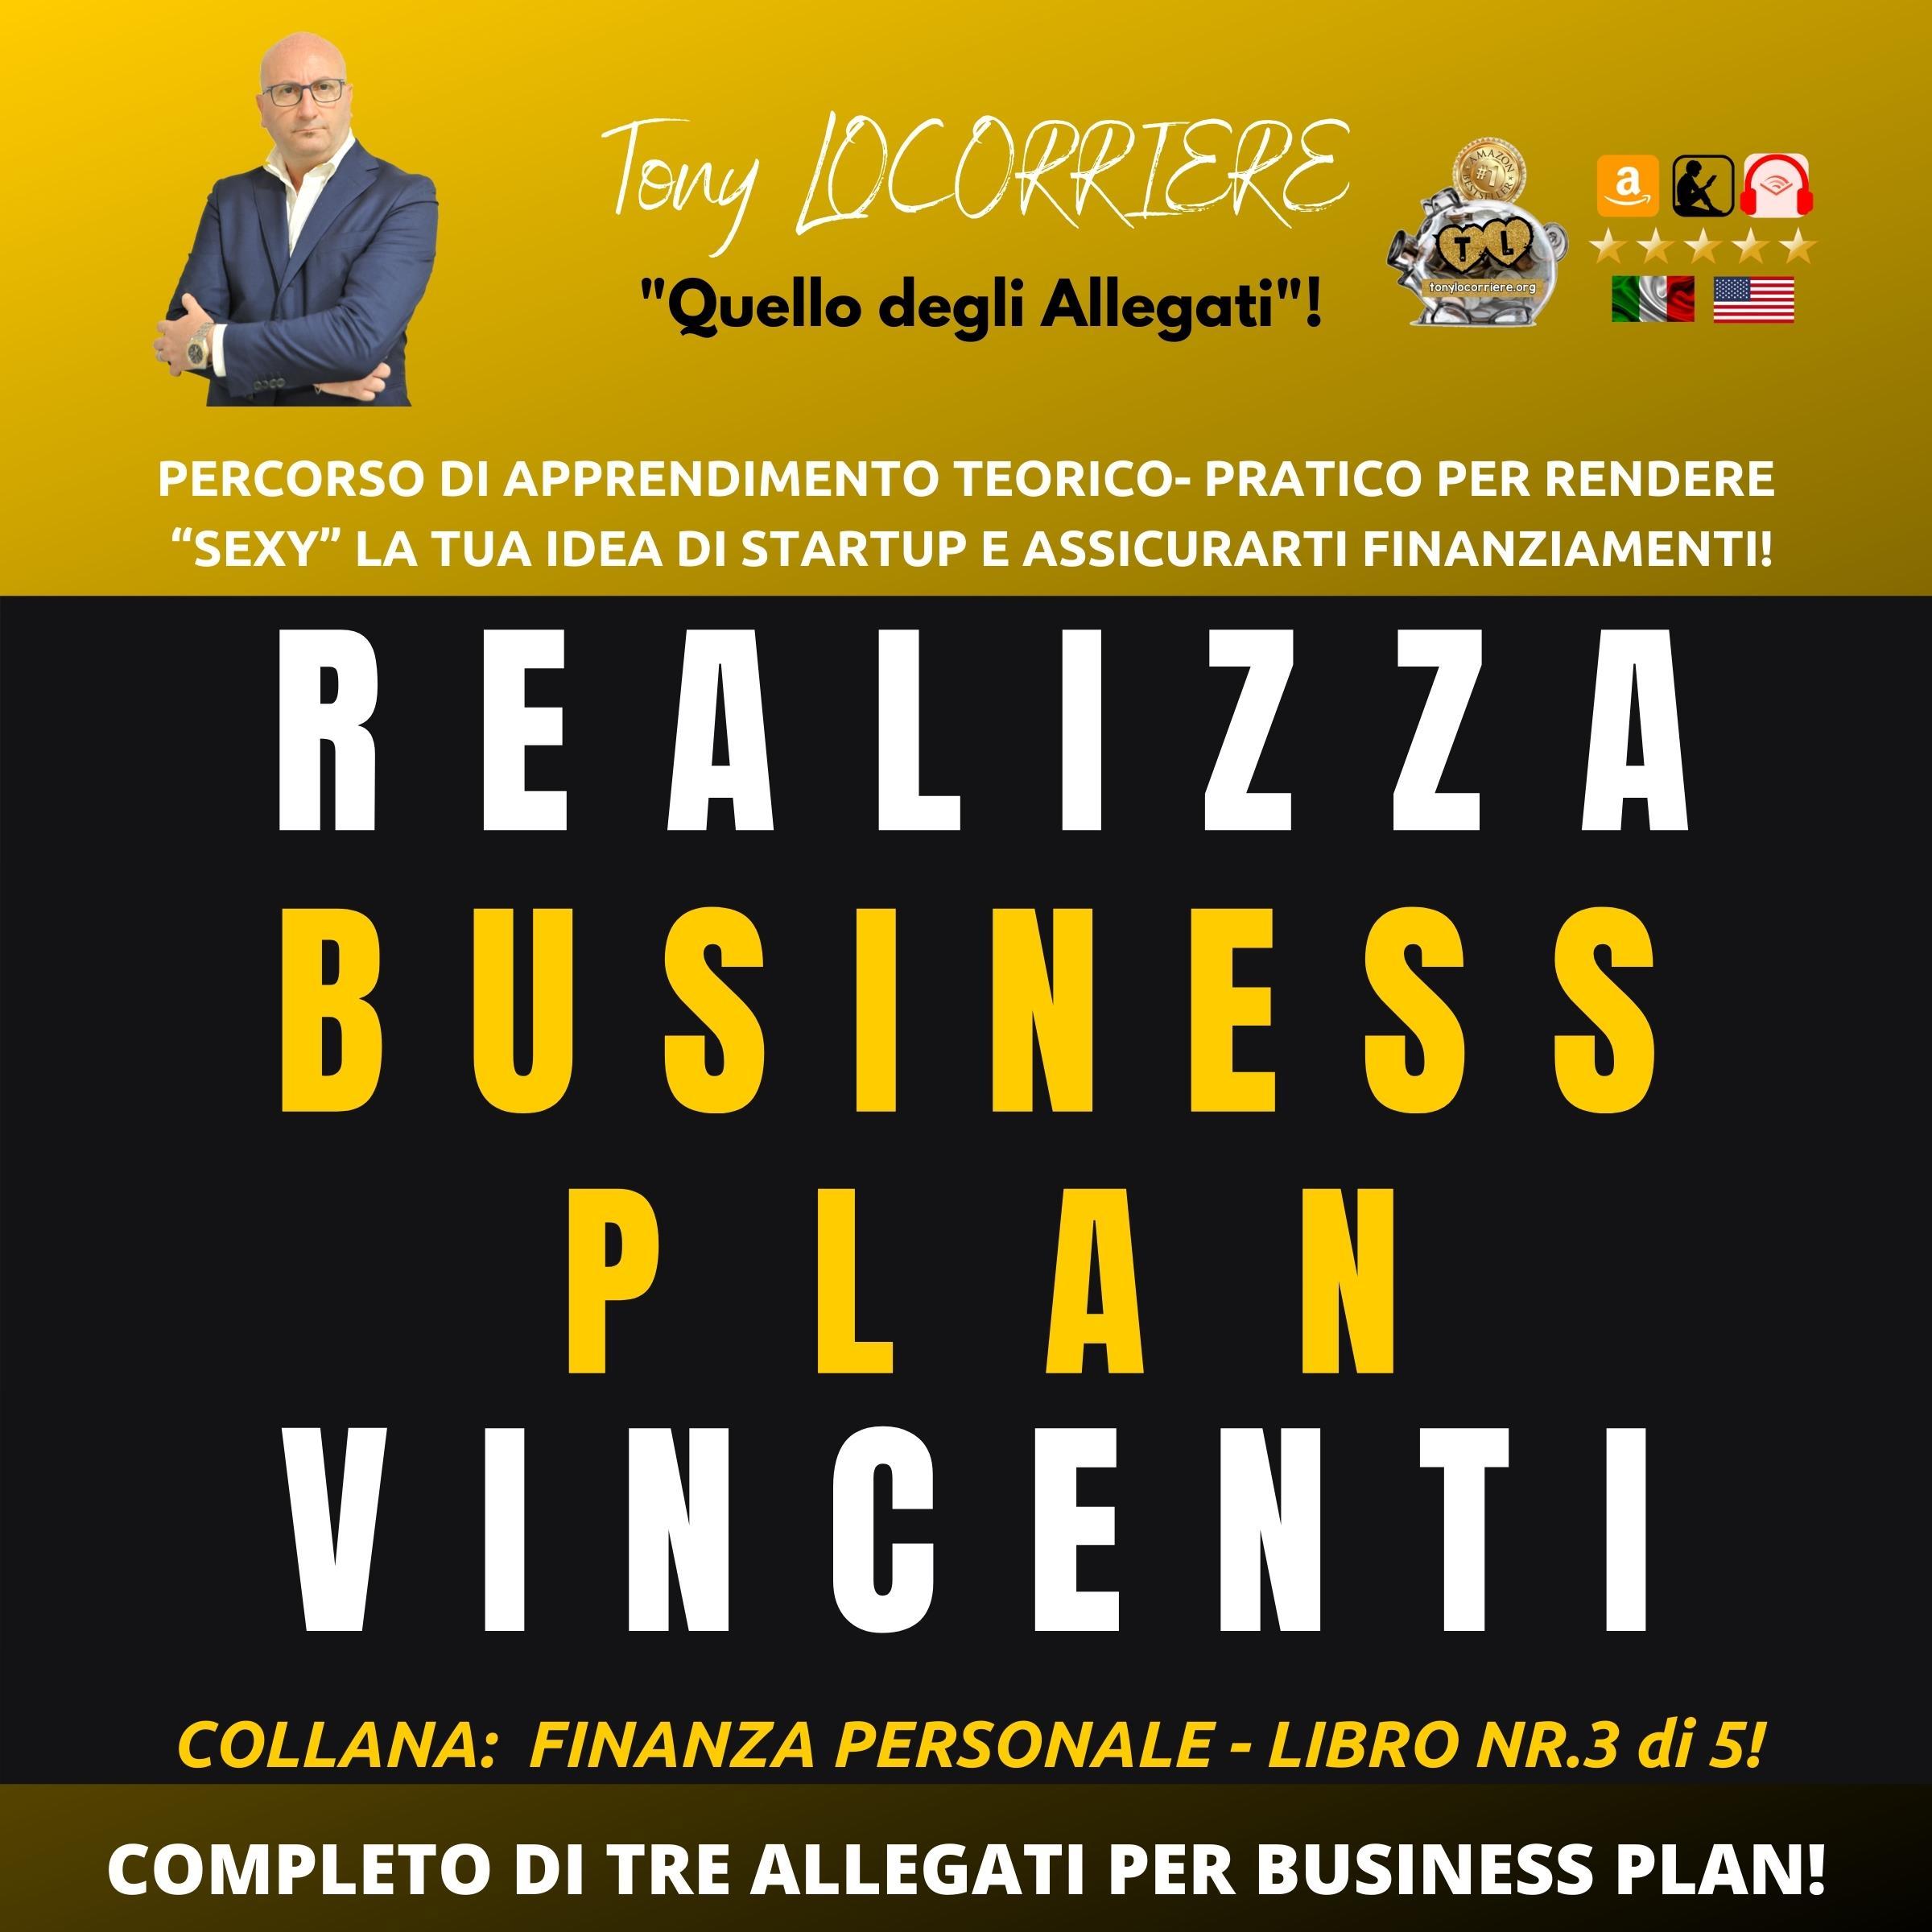 Realizza Business Plan Vincenti